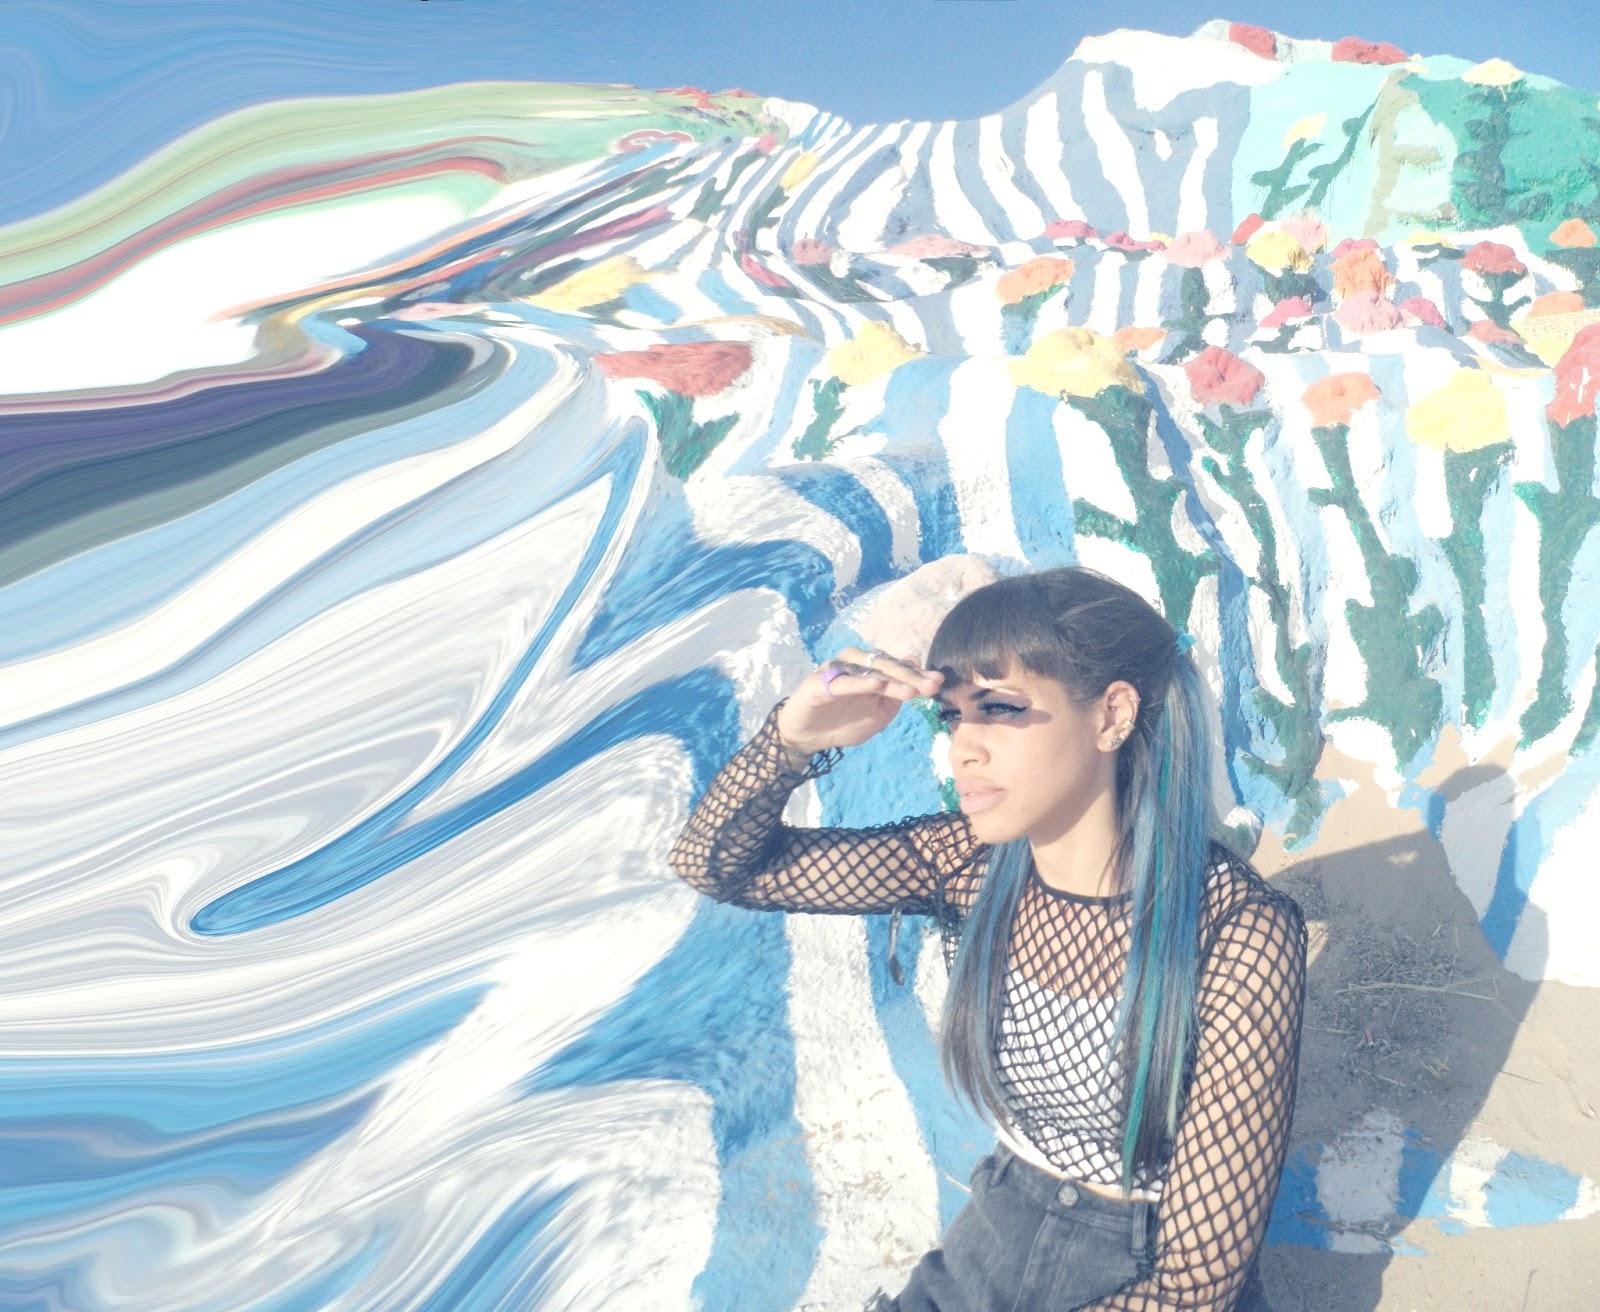 Jessi Jae Joplin Jessi Jae Joplin new foto